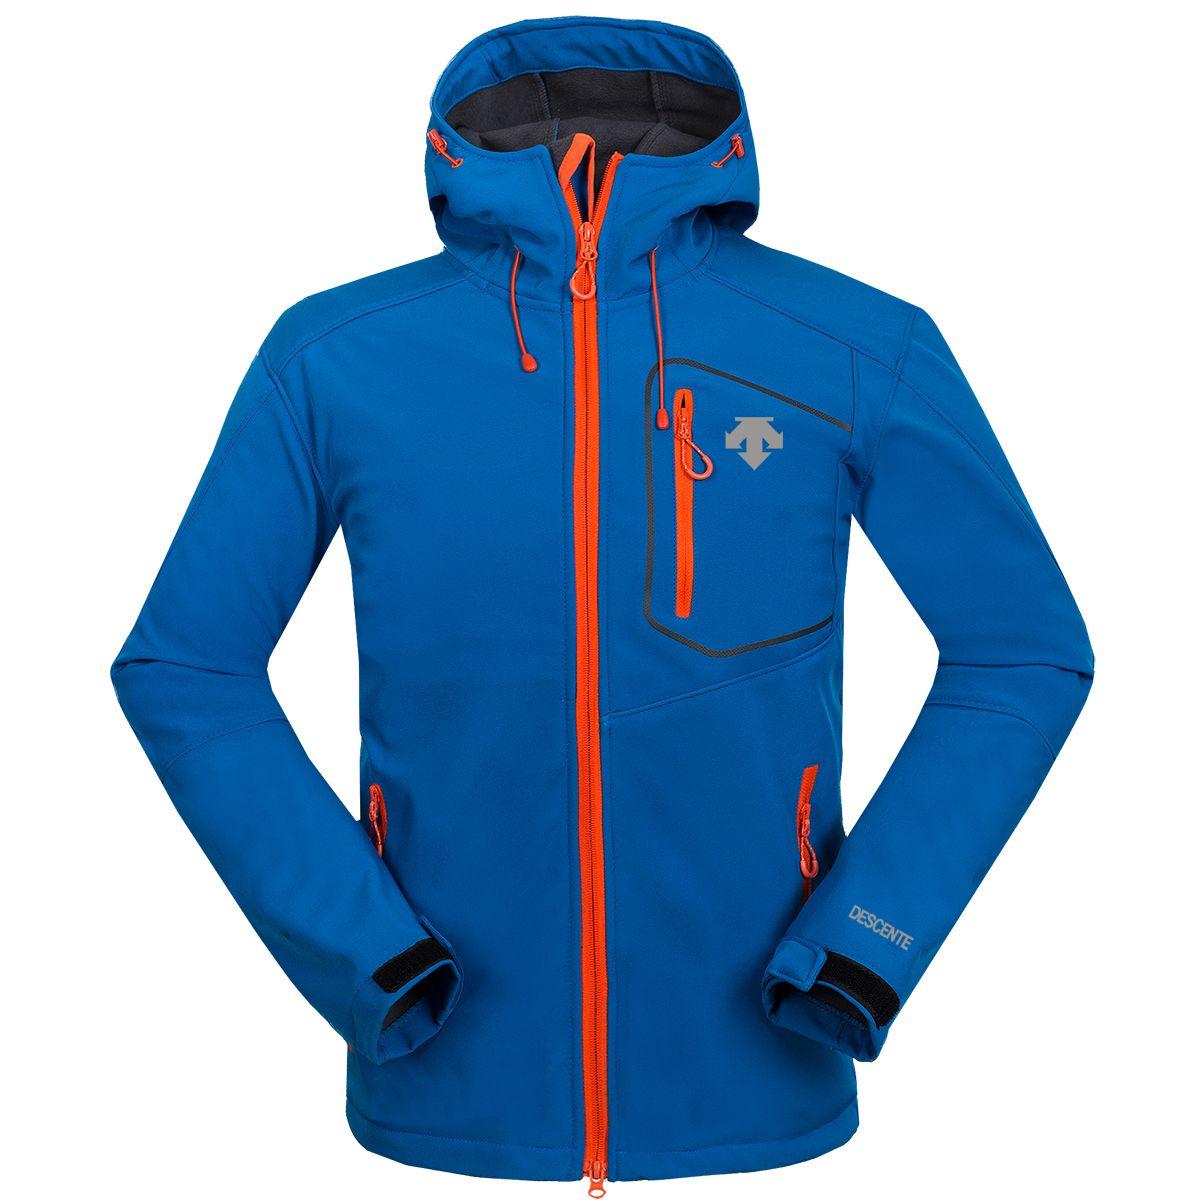 2019 nuovo The North mens DESCENTE Giacche Felpe Moda caldo casuale antivento sci Viso Cappotti All'aperto Denali Fleece Jackets 04